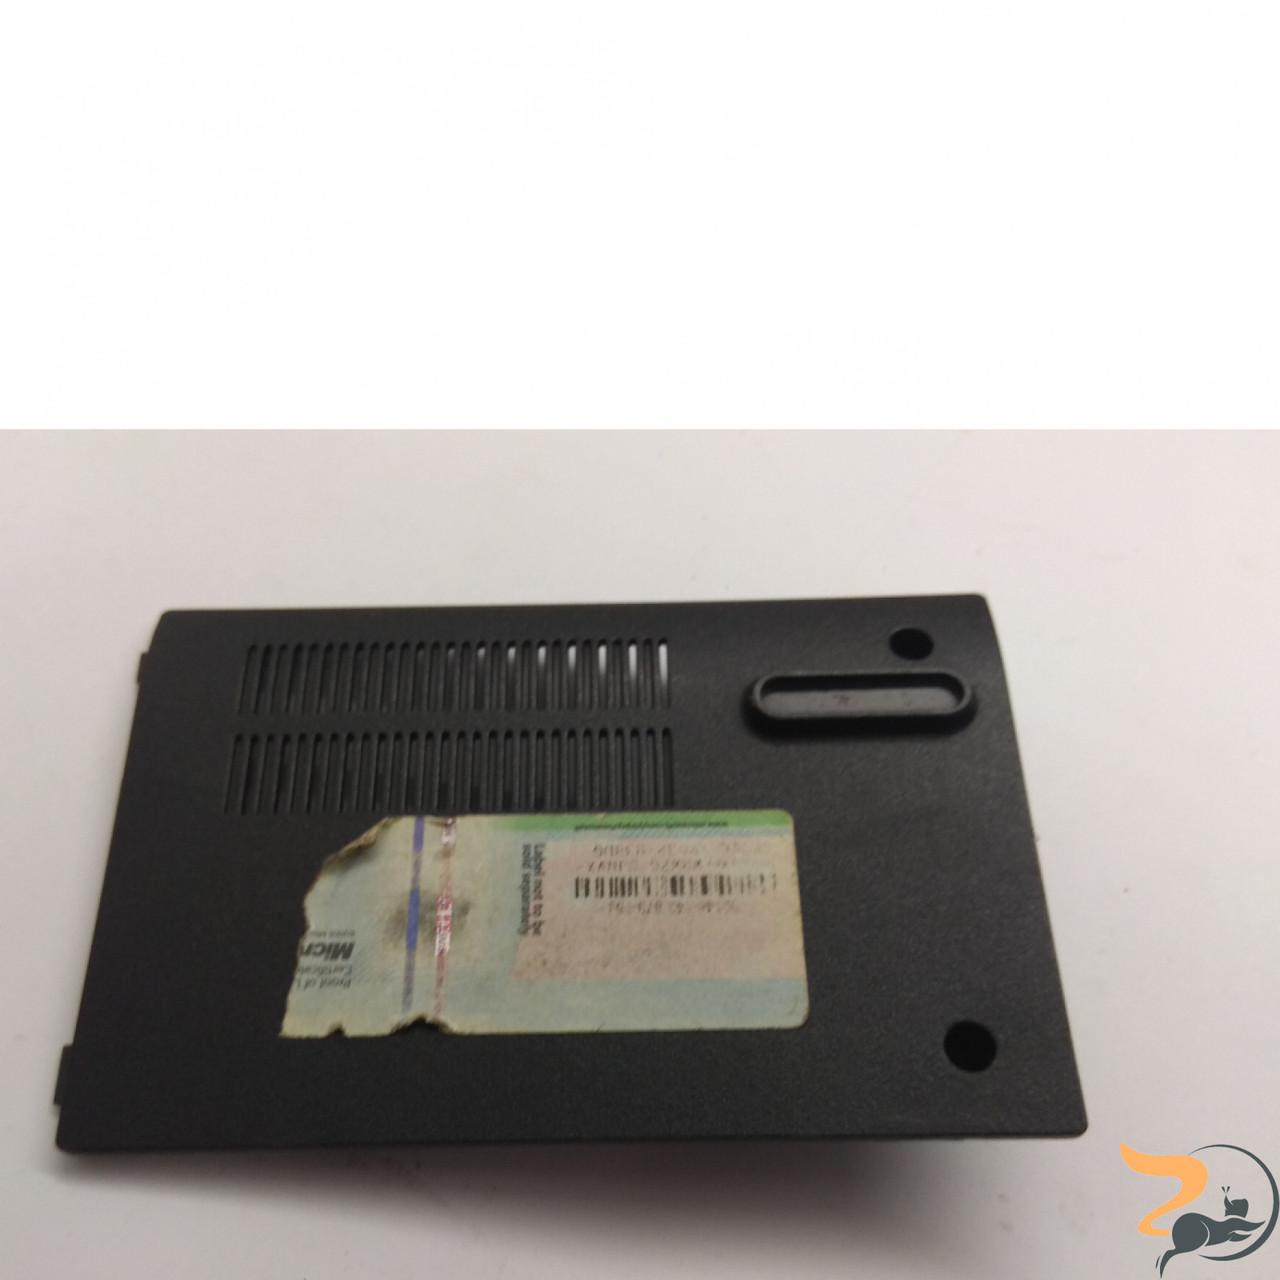 Сервісна кришка для ноутбука ASUS N51T, 13N0-57A0802, Б/В. В хорошому стані, без пошкоджень. Є подряпини та потертості.